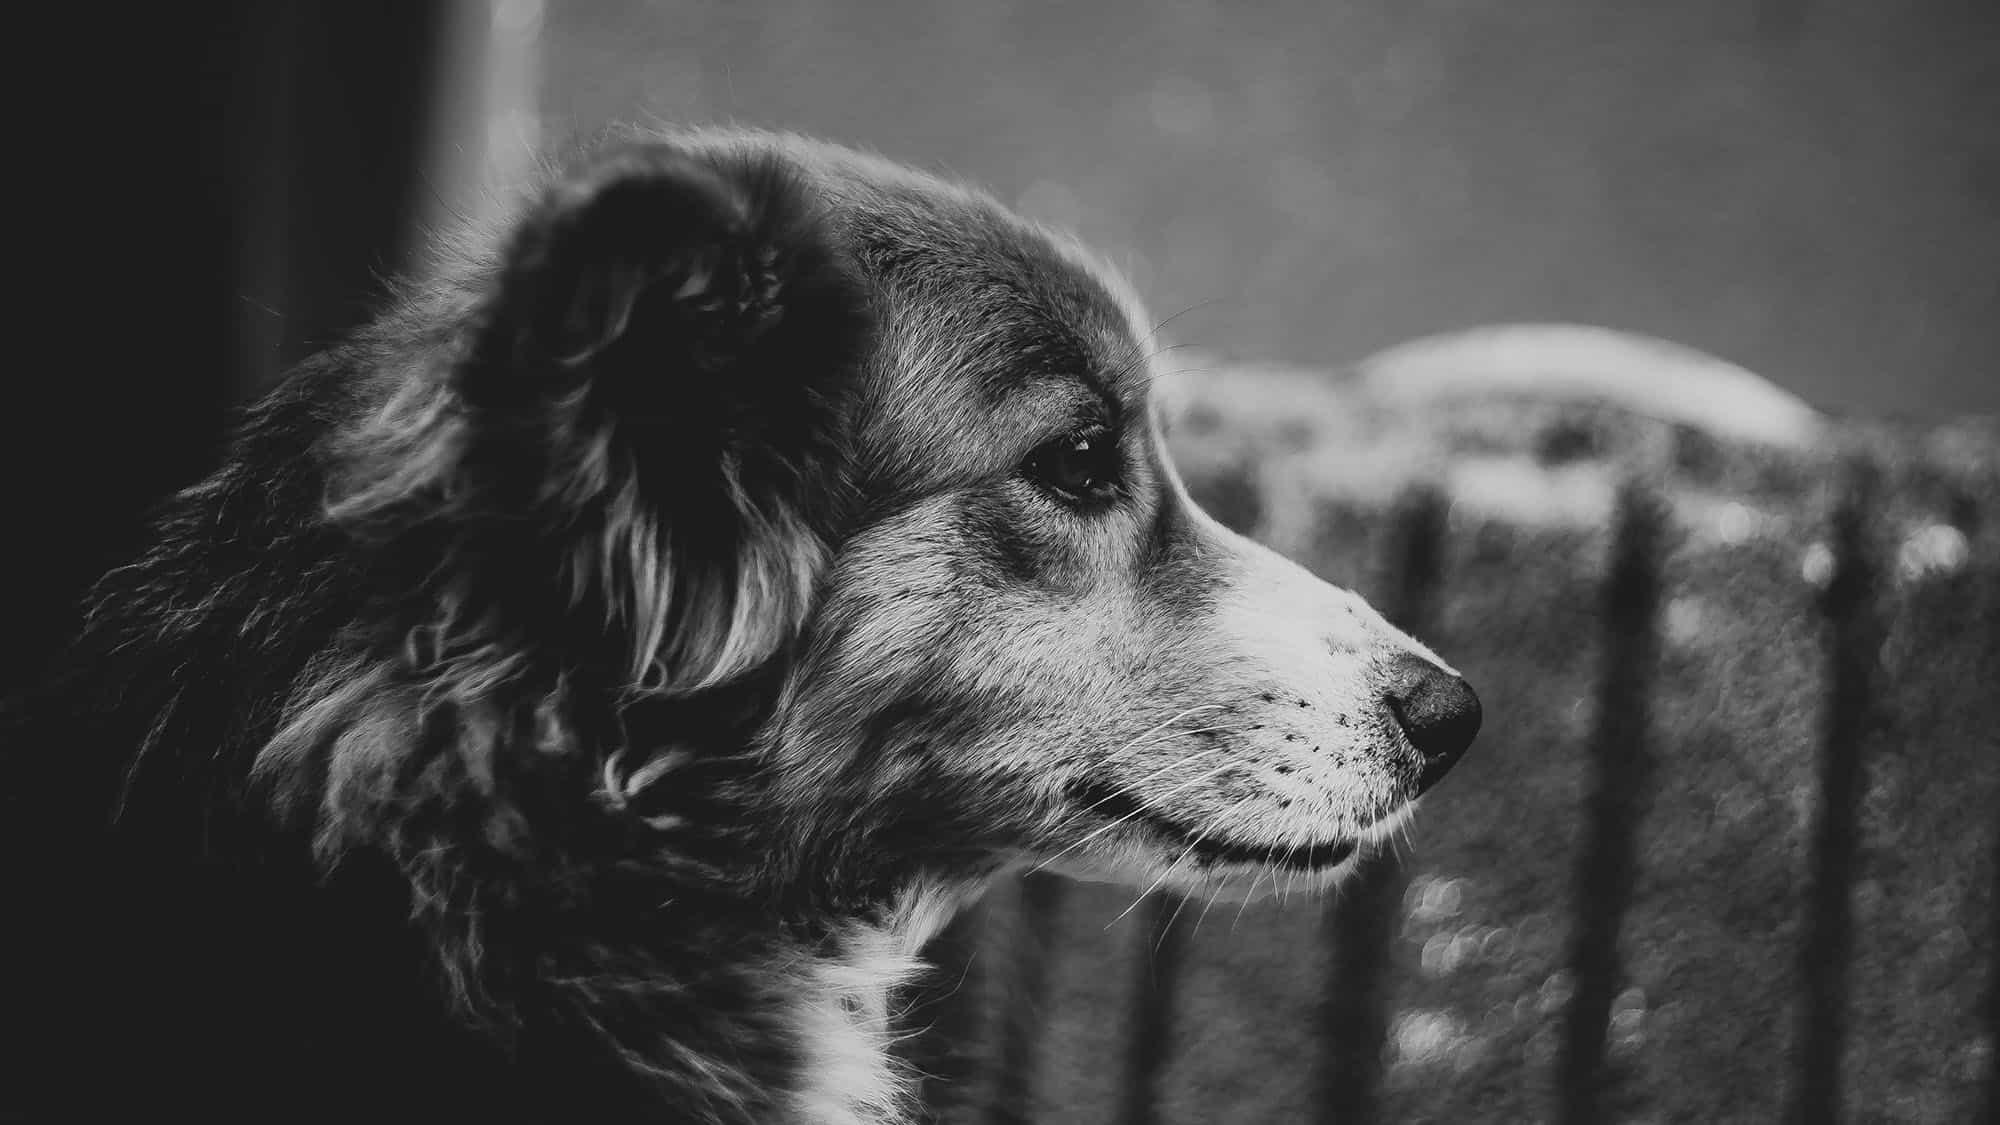 Benadryl para perros - 3